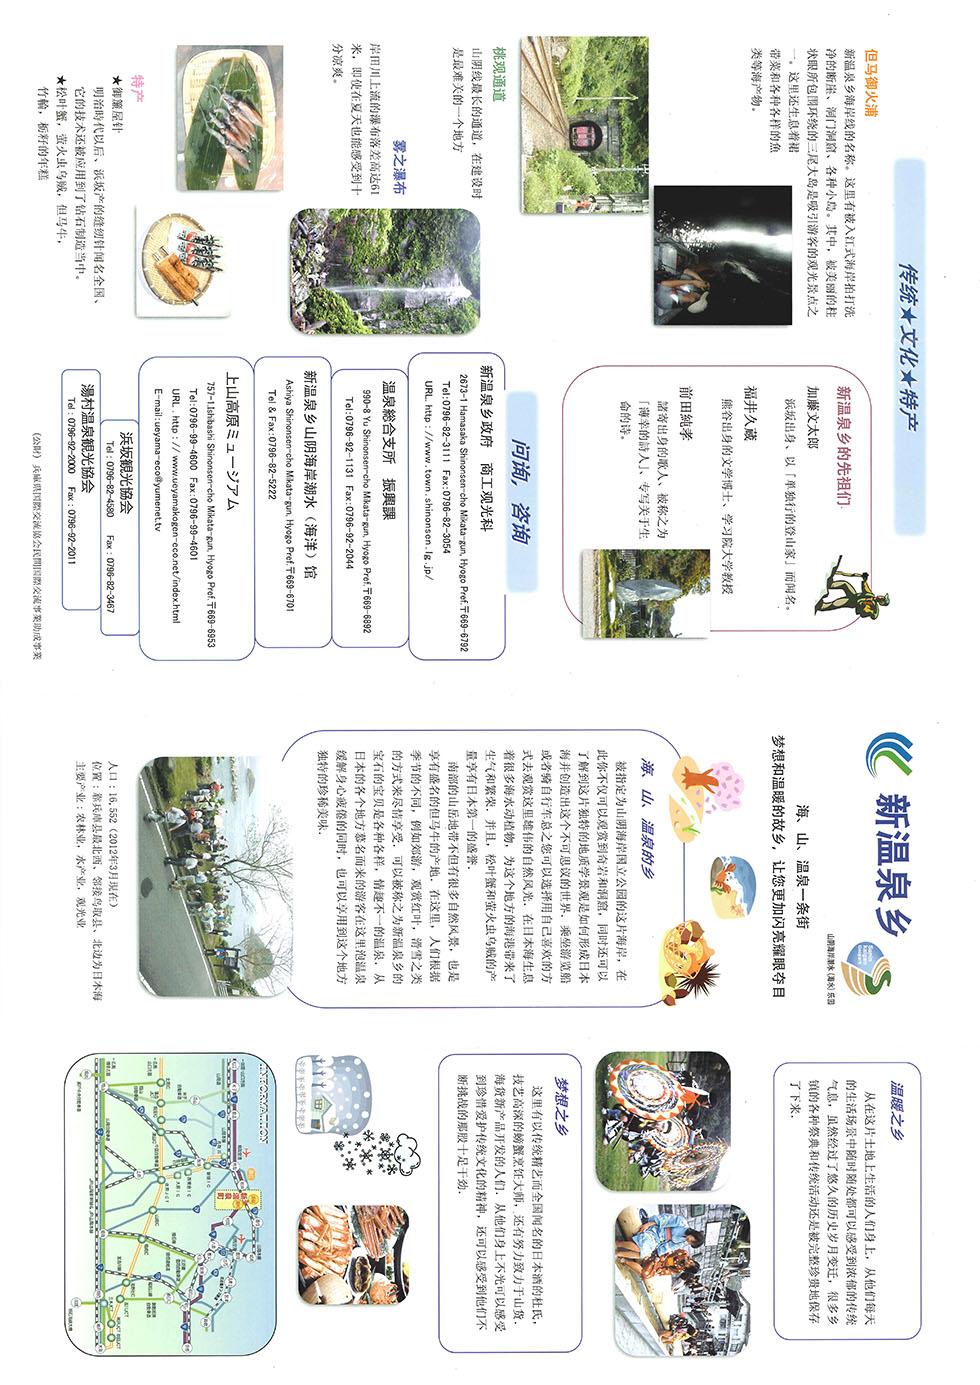 新温泉町案内パンフレット中国版(Chinese)1